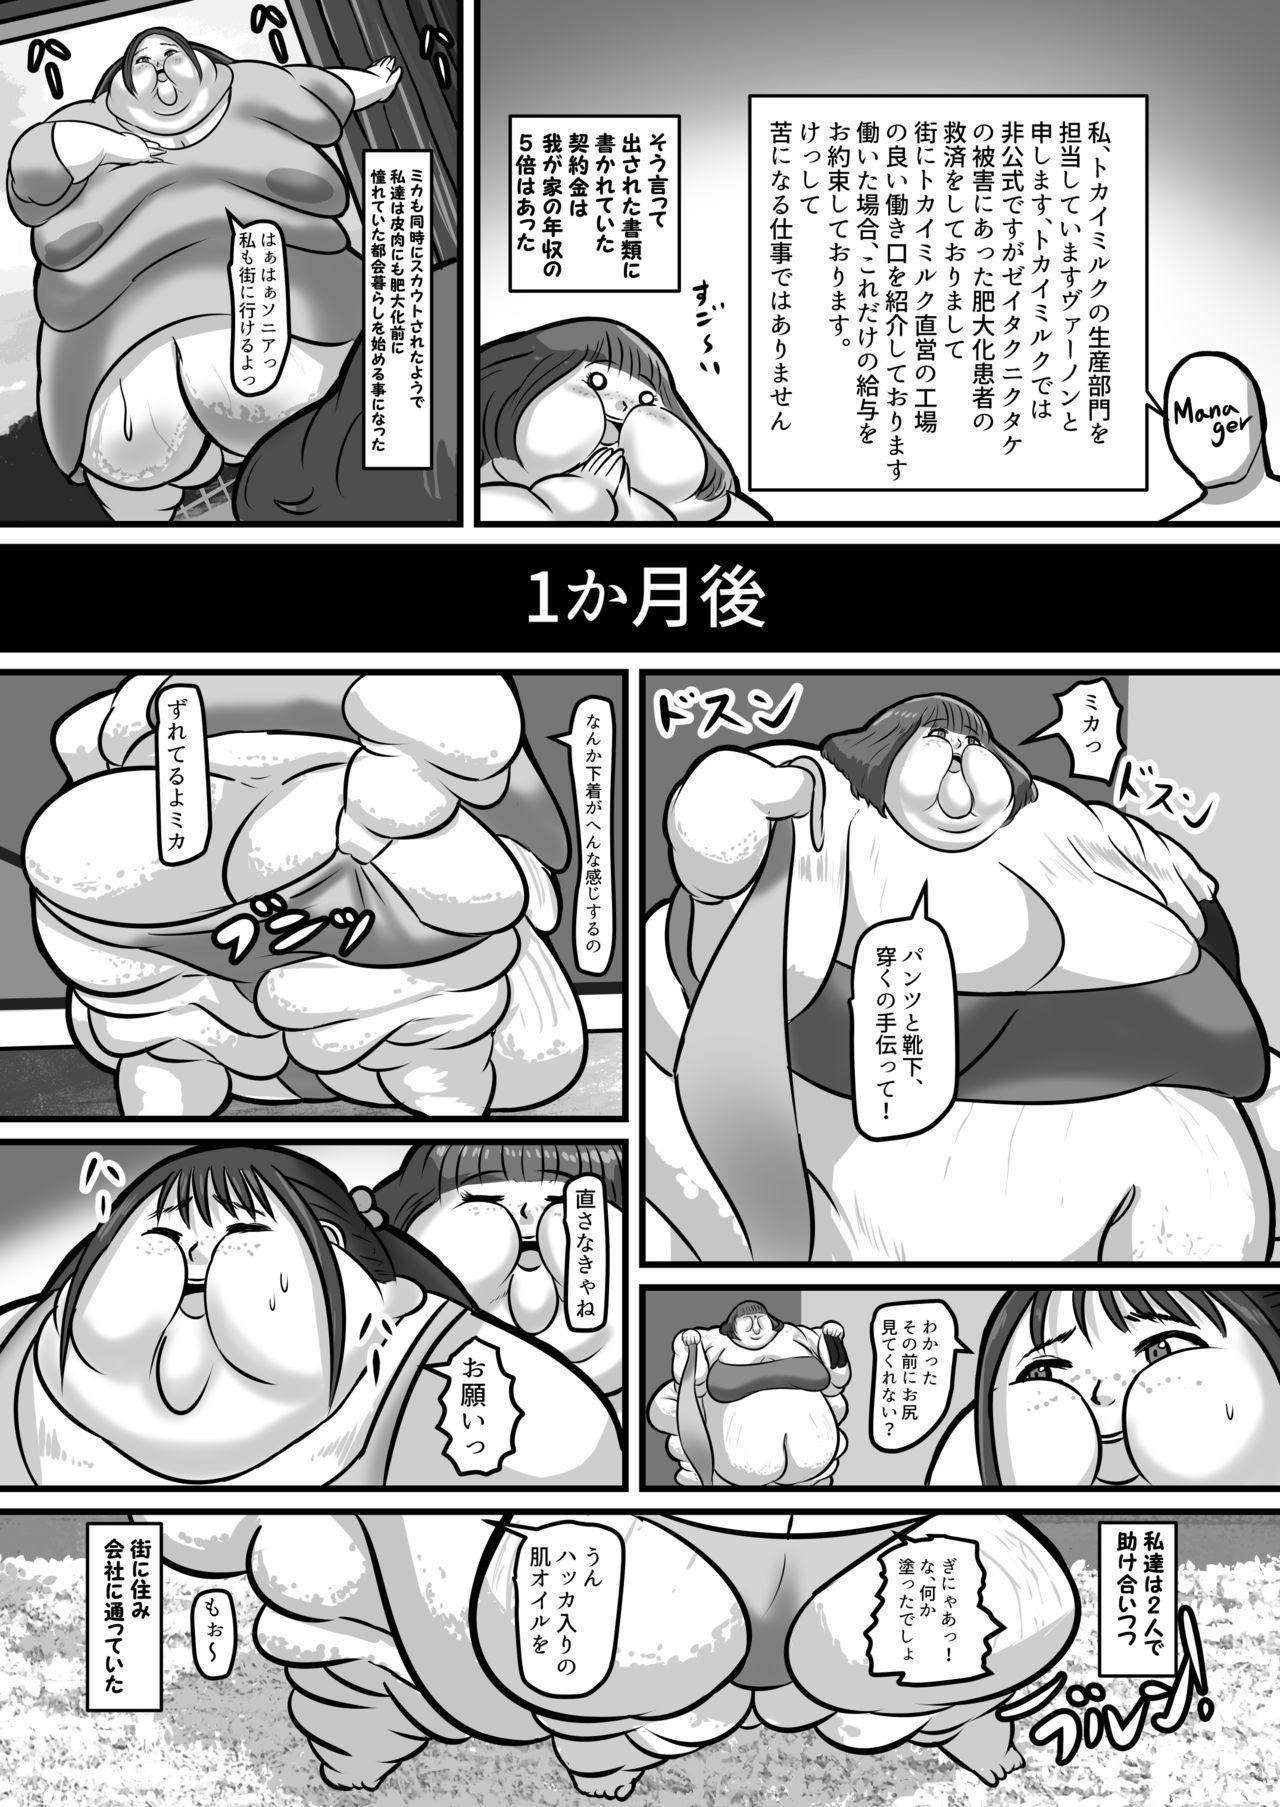 Kinoko Chance! 19